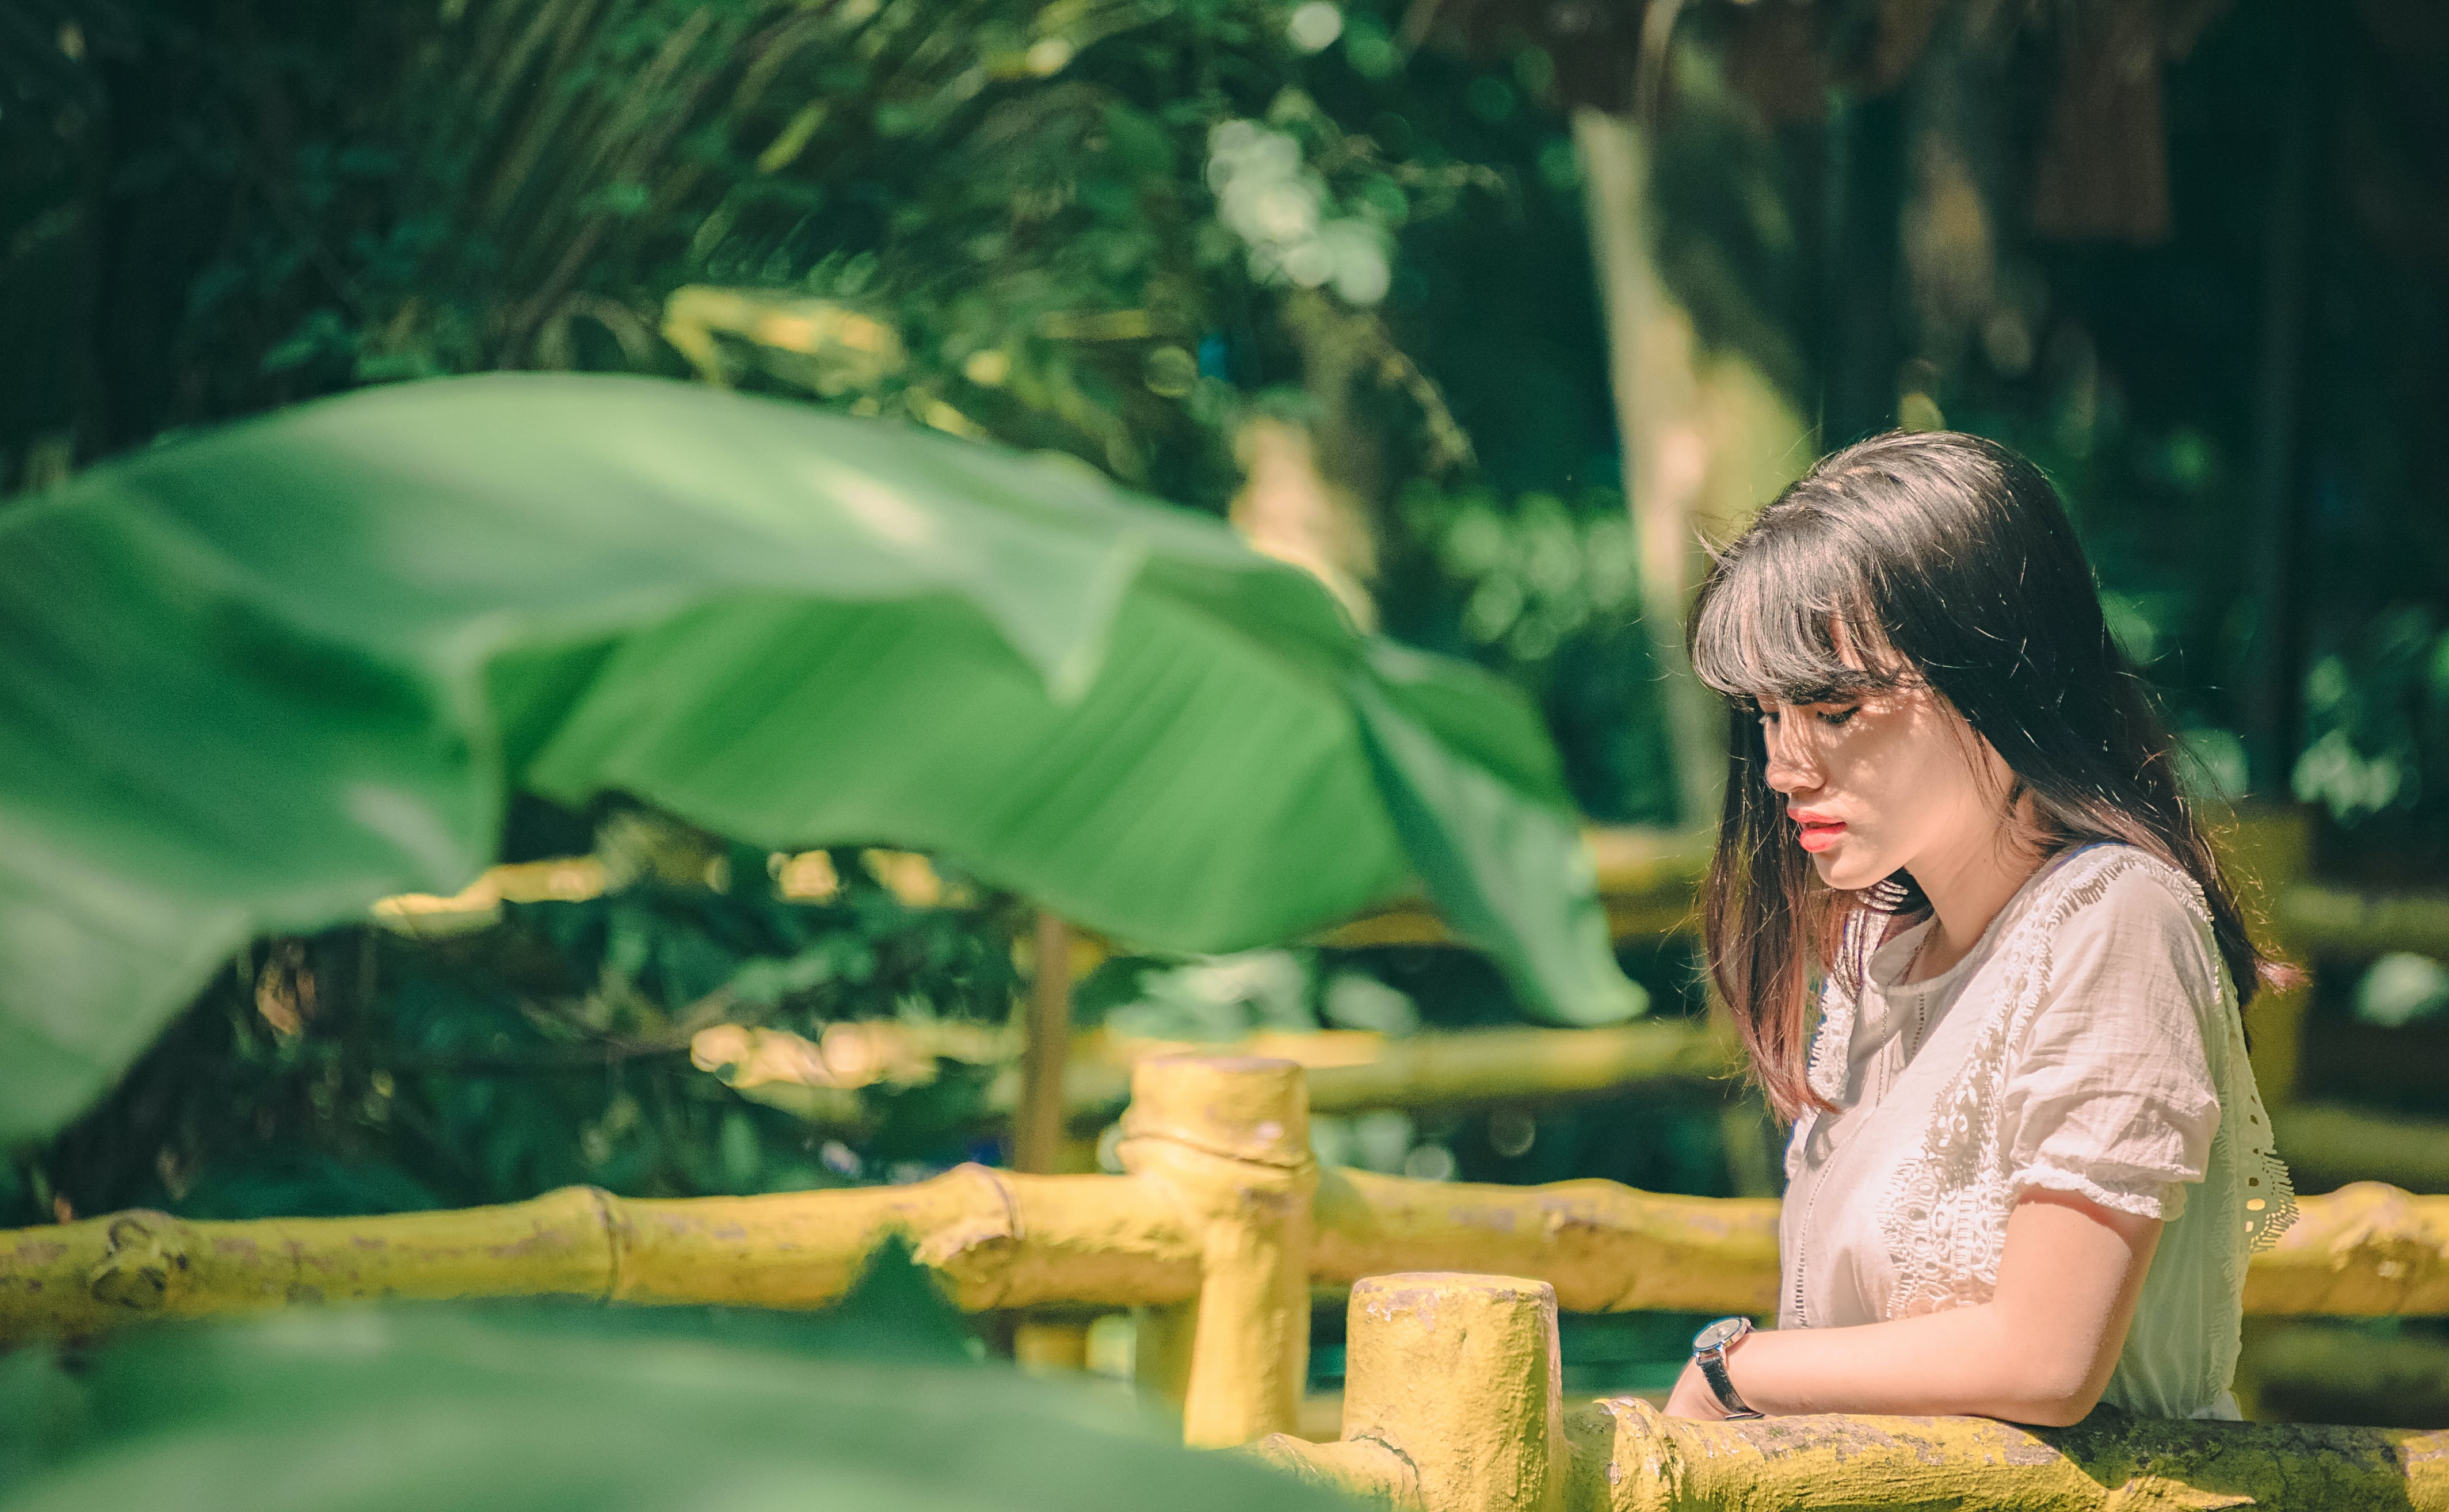 Foto stok gratis belum tua, cewek, daun pisang, ekspresi muka